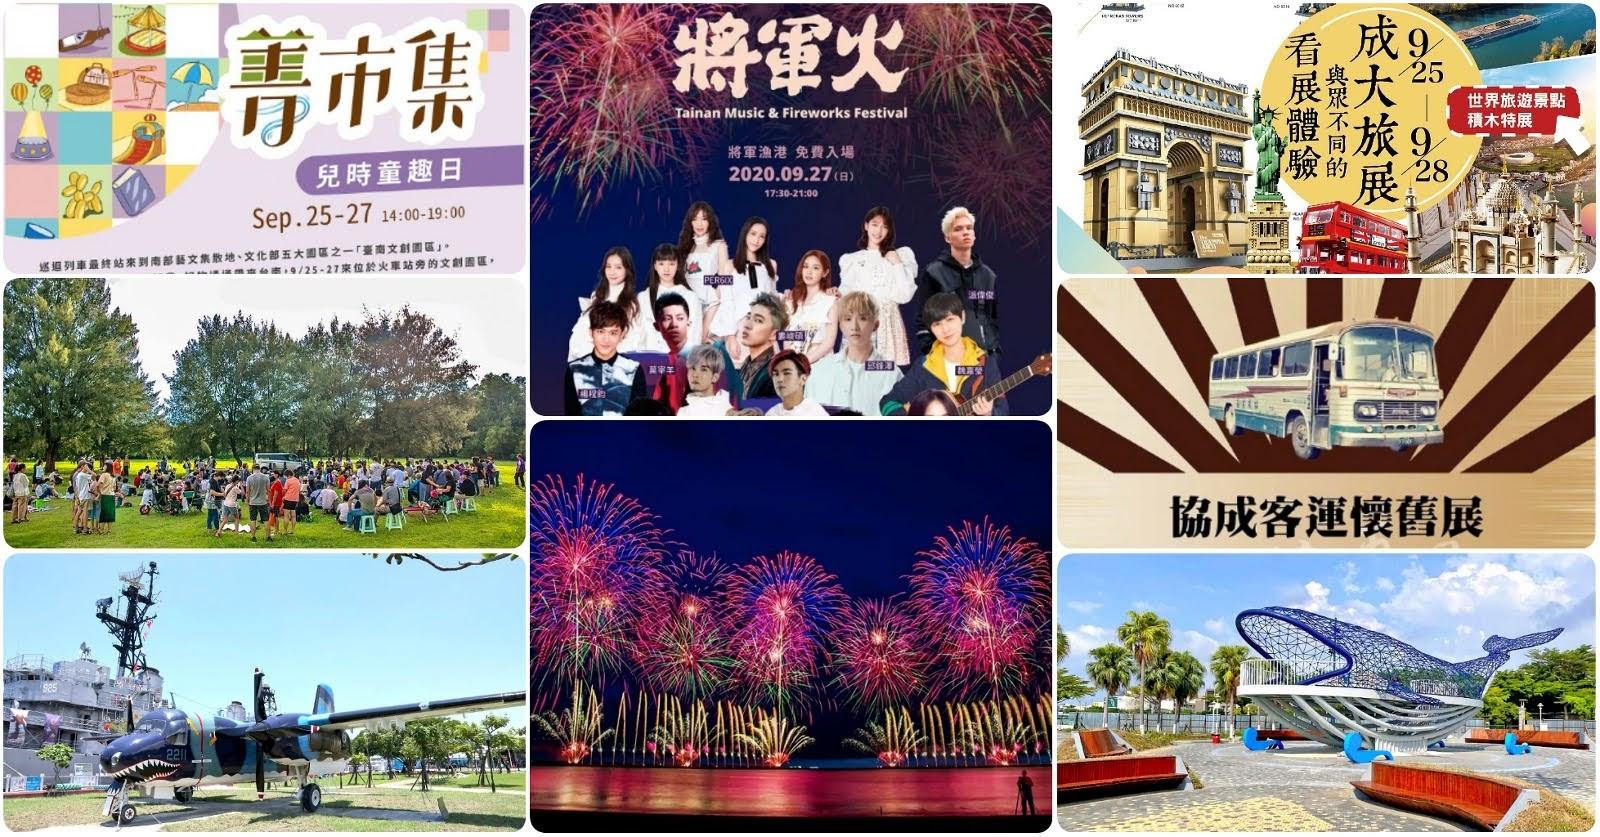 [活動] 2020/9/25-/9/27|台南週末活動整理|本週末資訊數:80